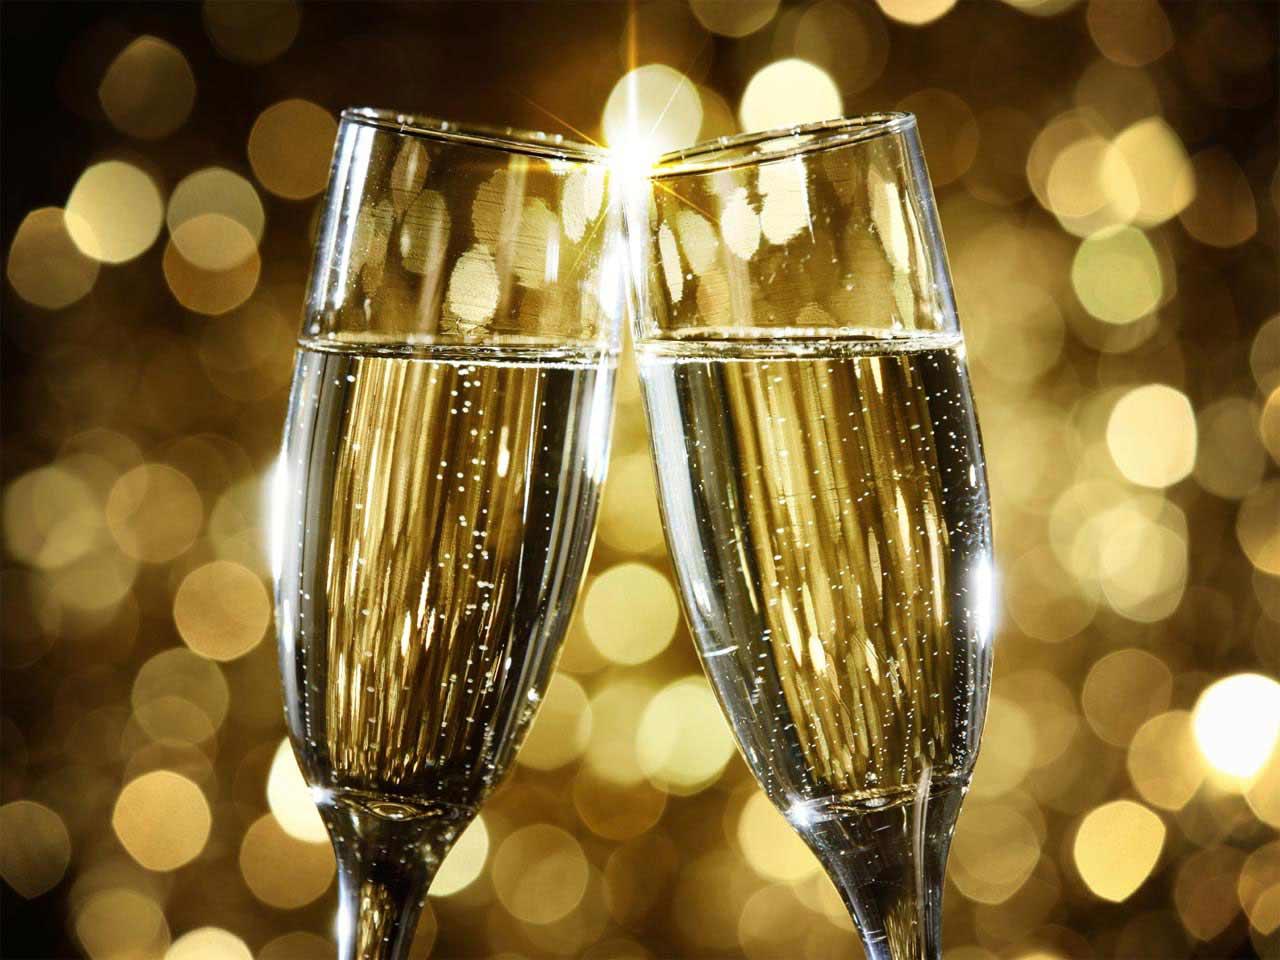 Первым снегом, шампанское поздравление картинки